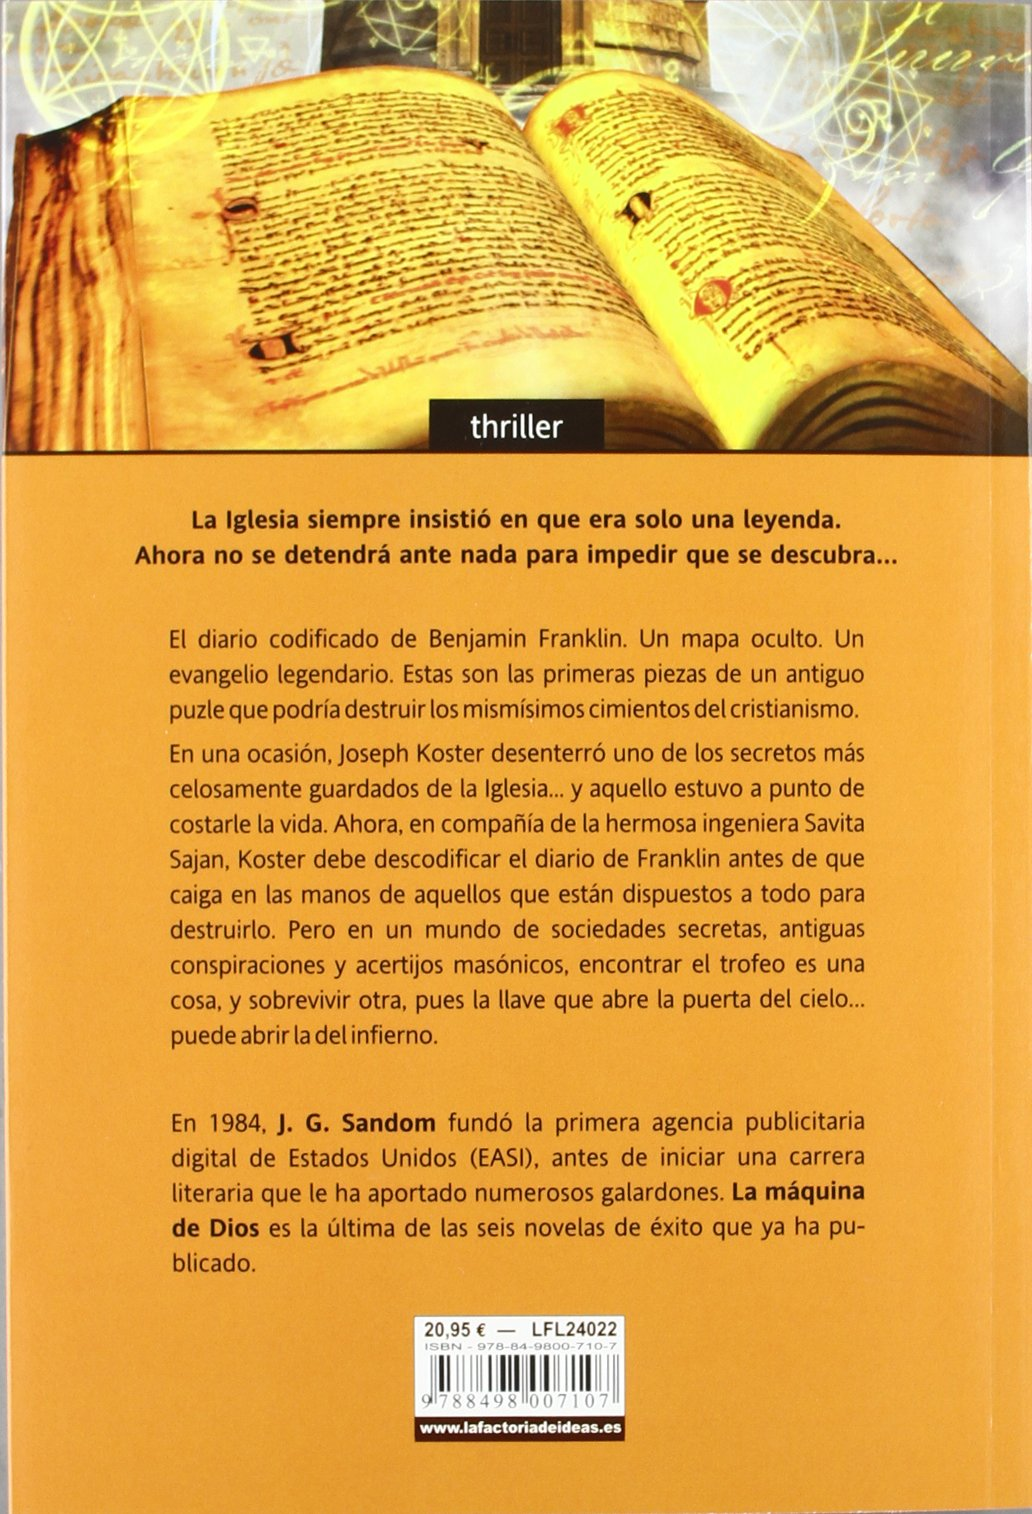 La máquina de Dios (Bonus): Amazon.es: J.G Sandom, Juan José Llanos Collado: Libros